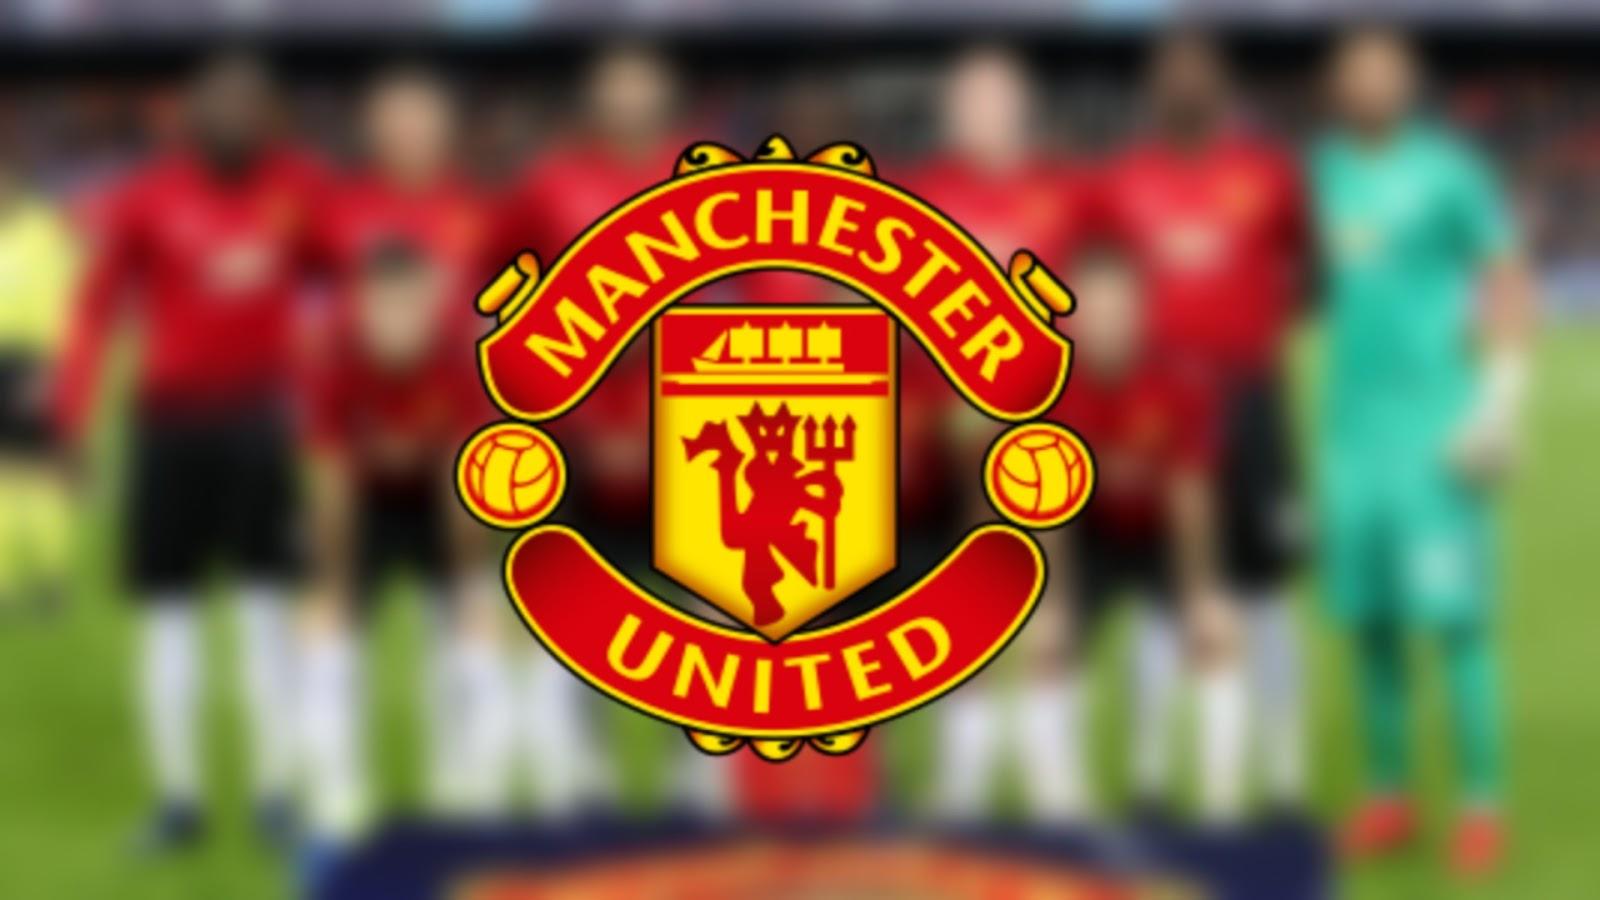 Senarai Rasmi Pemain Manchester United 2020 2021 MY INFO SUKAN